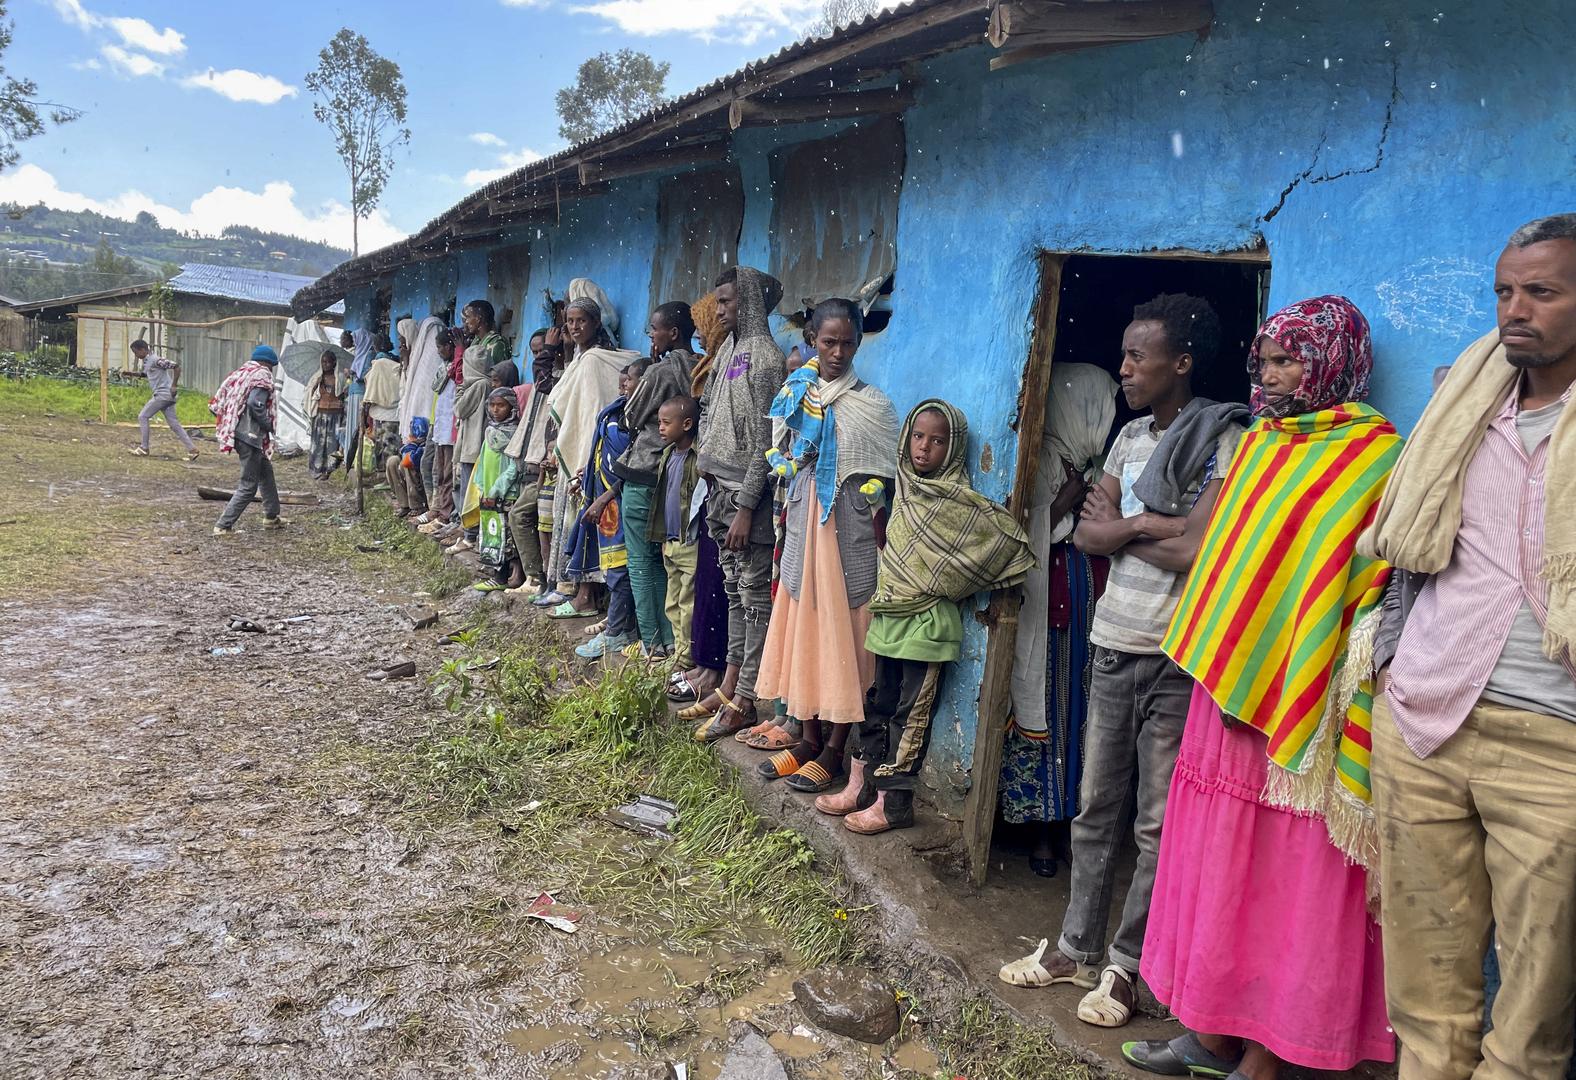 الولايات المتحدة تفرض عقوبات جديدة تستهدف المسؤولين عن إطالة أمد النزاع في إثيوبيا